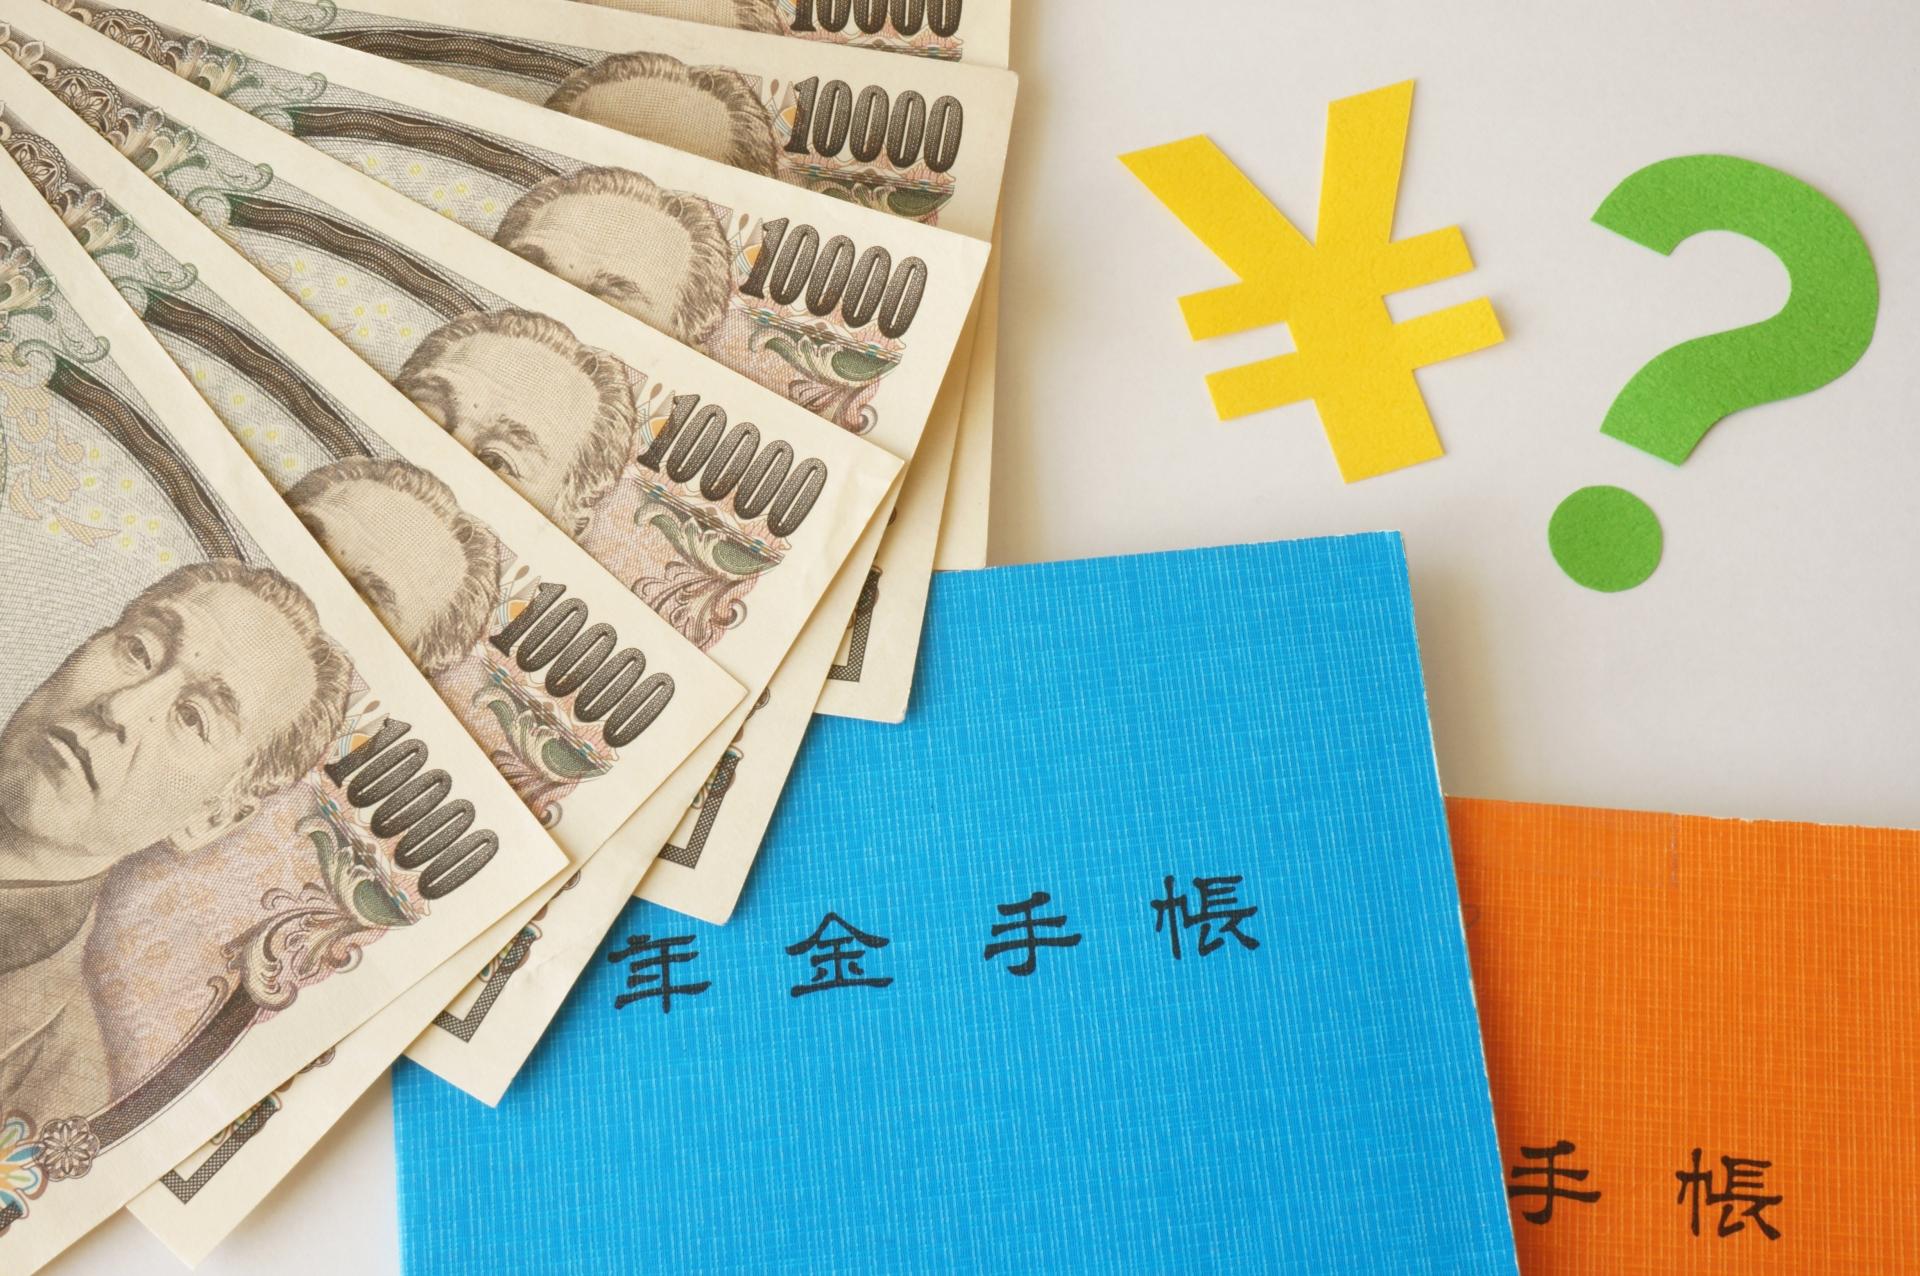 老後のお金を見える化して、じぶん年金を準備しよう!